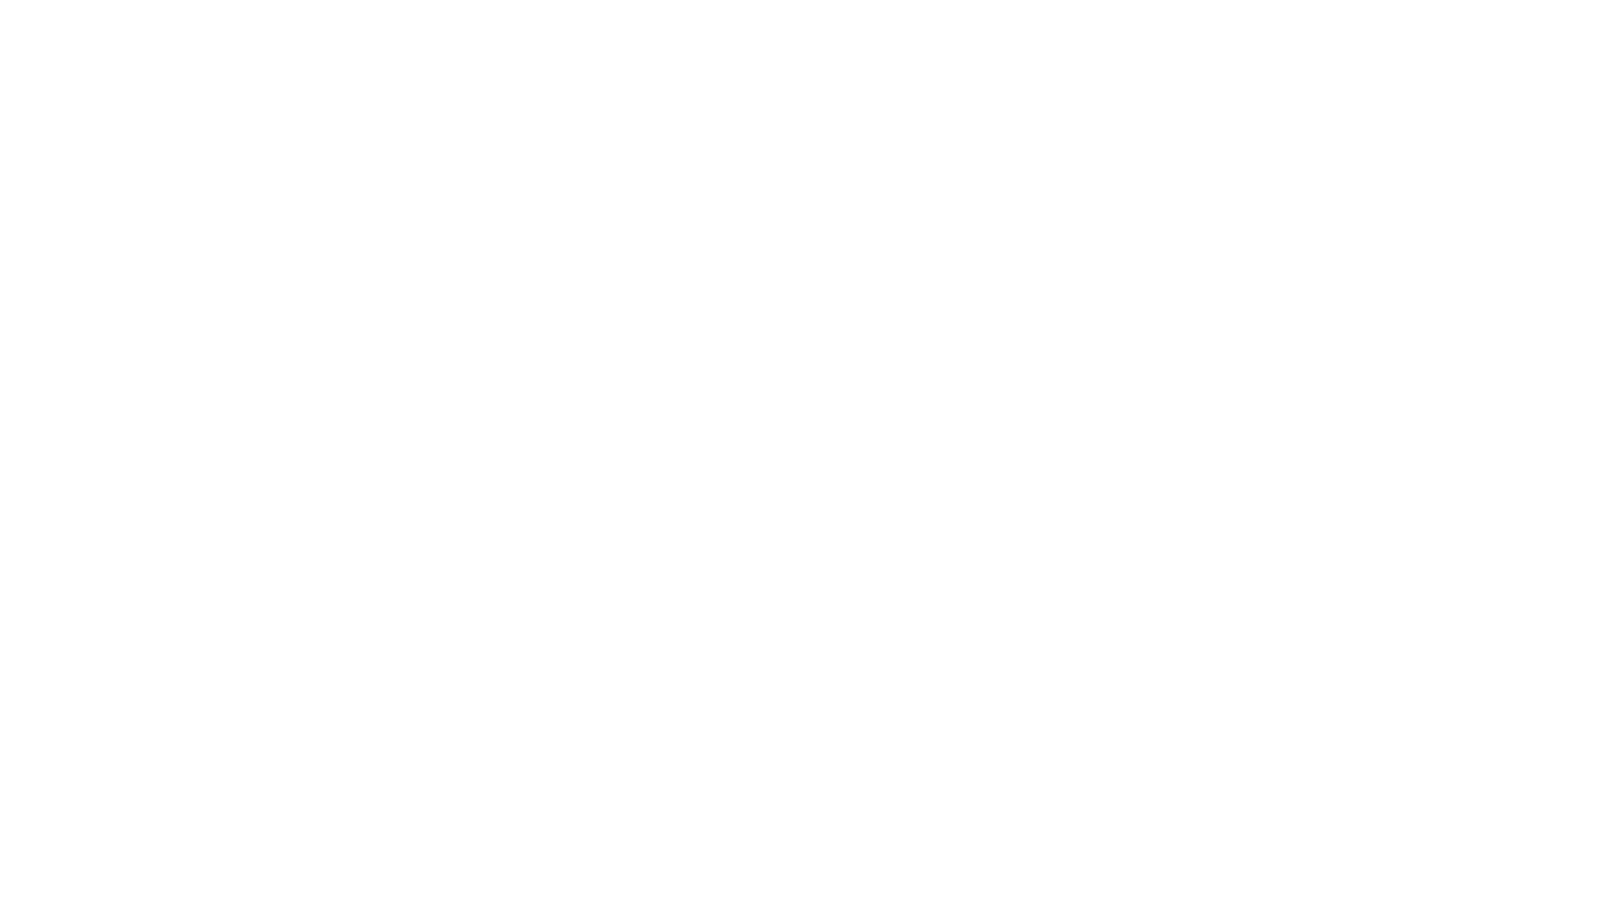 """Cinco candidaturas. Y un sólo ganador. Ander y compañía viven el momento más esperado, asomados al ataque de nervios. ¿Y qué es un concurso sin un final inesperado?... Dar más datos es arriesgarse a hacer spoiler.  http://www.anderoid.net  ANDeROID, una webserie para acercar la ciencia y la tecnología a los ciudadanos de una manera novedosa y divertida.   Con: Javier Antón (""""Vaya semanita""""), Elena de Frutos (Aída), Xabier Perurena (""""El secreto de Puente Viejo""""), David Amor (""""El club del chiste"""" o """"Tu cara me suena"""") y Clara Alvarado (""""La Casa de Papel"""").  Producen:  Facultad de Ingeniería de la Universidad de Deusto: https://ingenieria.deusto.es/cs/Satel...  Euskope: http://euskope.com   Patrocinan:  Iberdrola: https://www.iberdrola.es  NTS: http://www.nts-solutions.com  Dominion: http://www.dominion-global.com  Sigue ANDeROID en: FACEBOOK: https://www.facebook.com/ANDeROID-2030802290542825/ TWITTER: https://twitter.com/ANDeROID_ INSTAGRAM: https://www.instagram.com/anderoid_/ INSTAGRAM BEGOBYTES: https://www.instagram.com/begobytes/ YOUTUBE: https://www.youtube.com/channel/UCBlp1ysgJ_-8Fd8GKPZE0dg"""